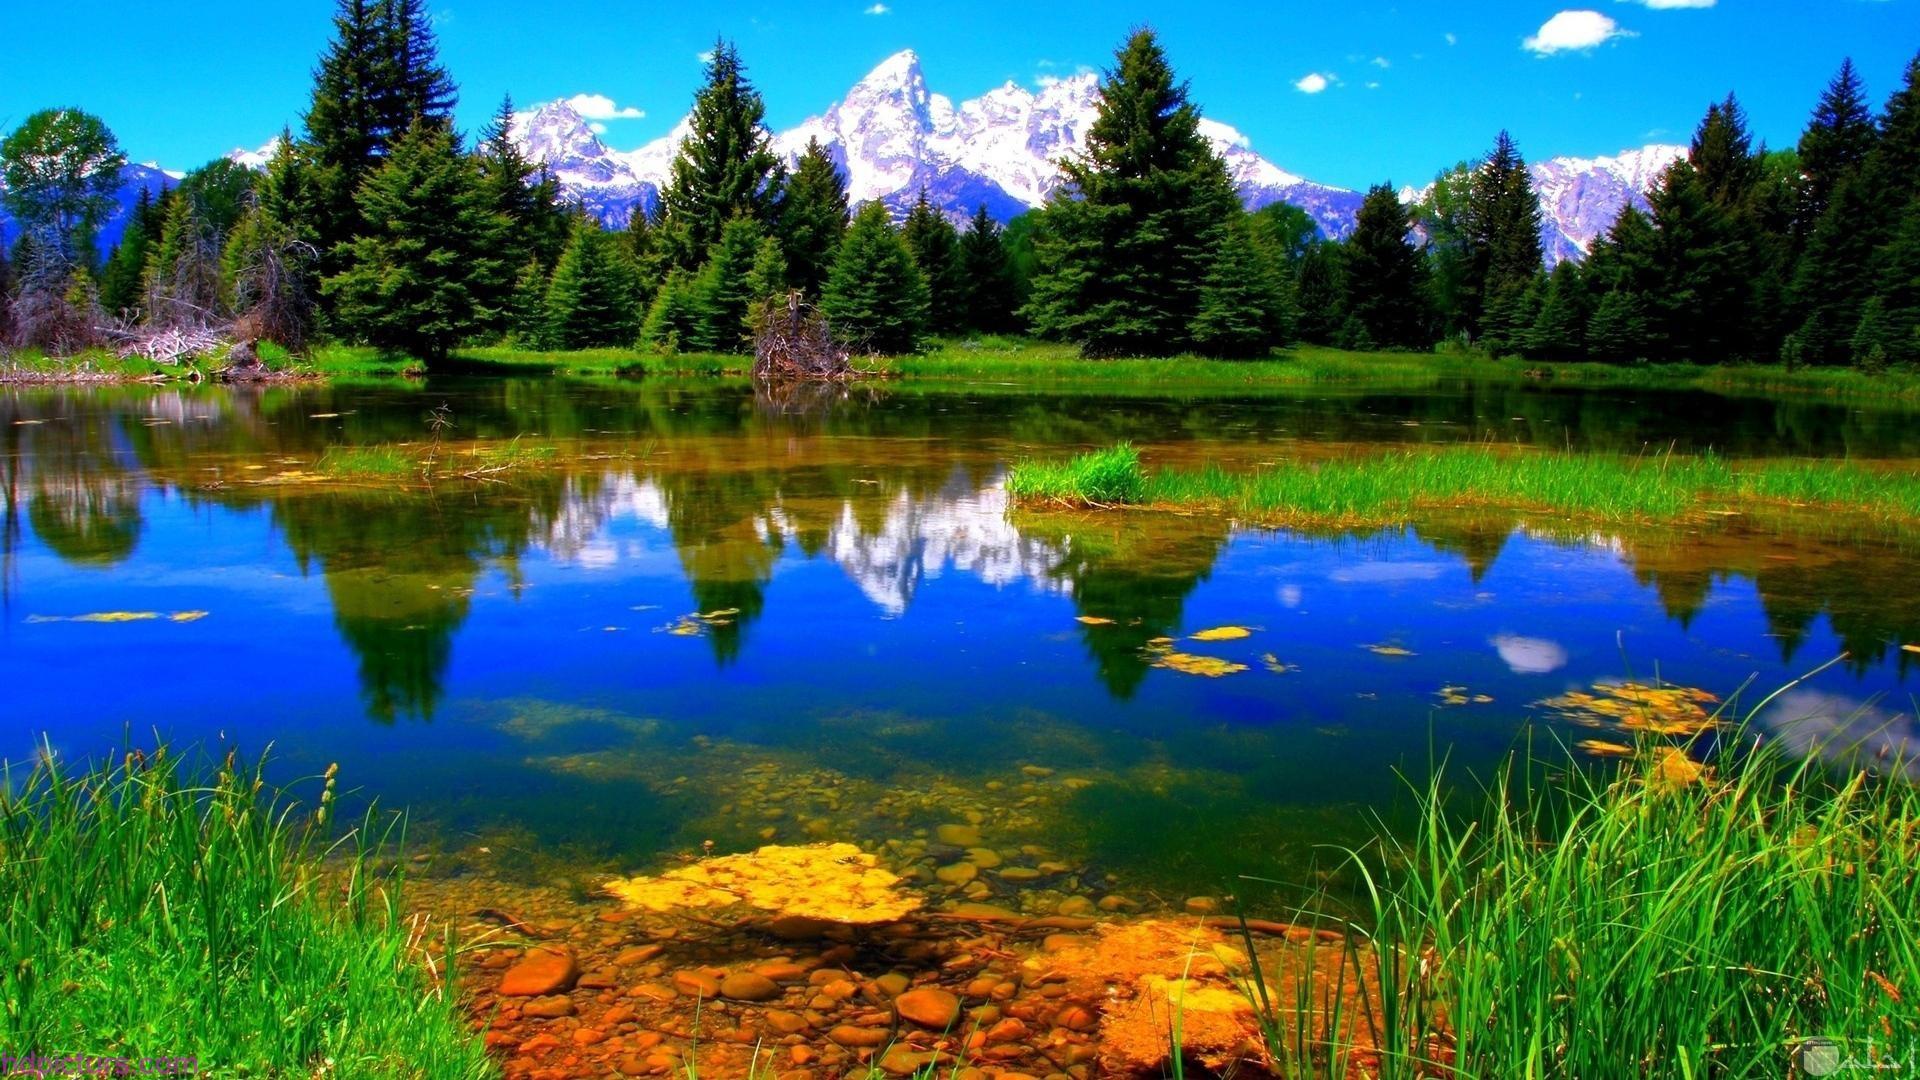 منظر طبيعي خلفيات طبيعة خلابة وساحرة